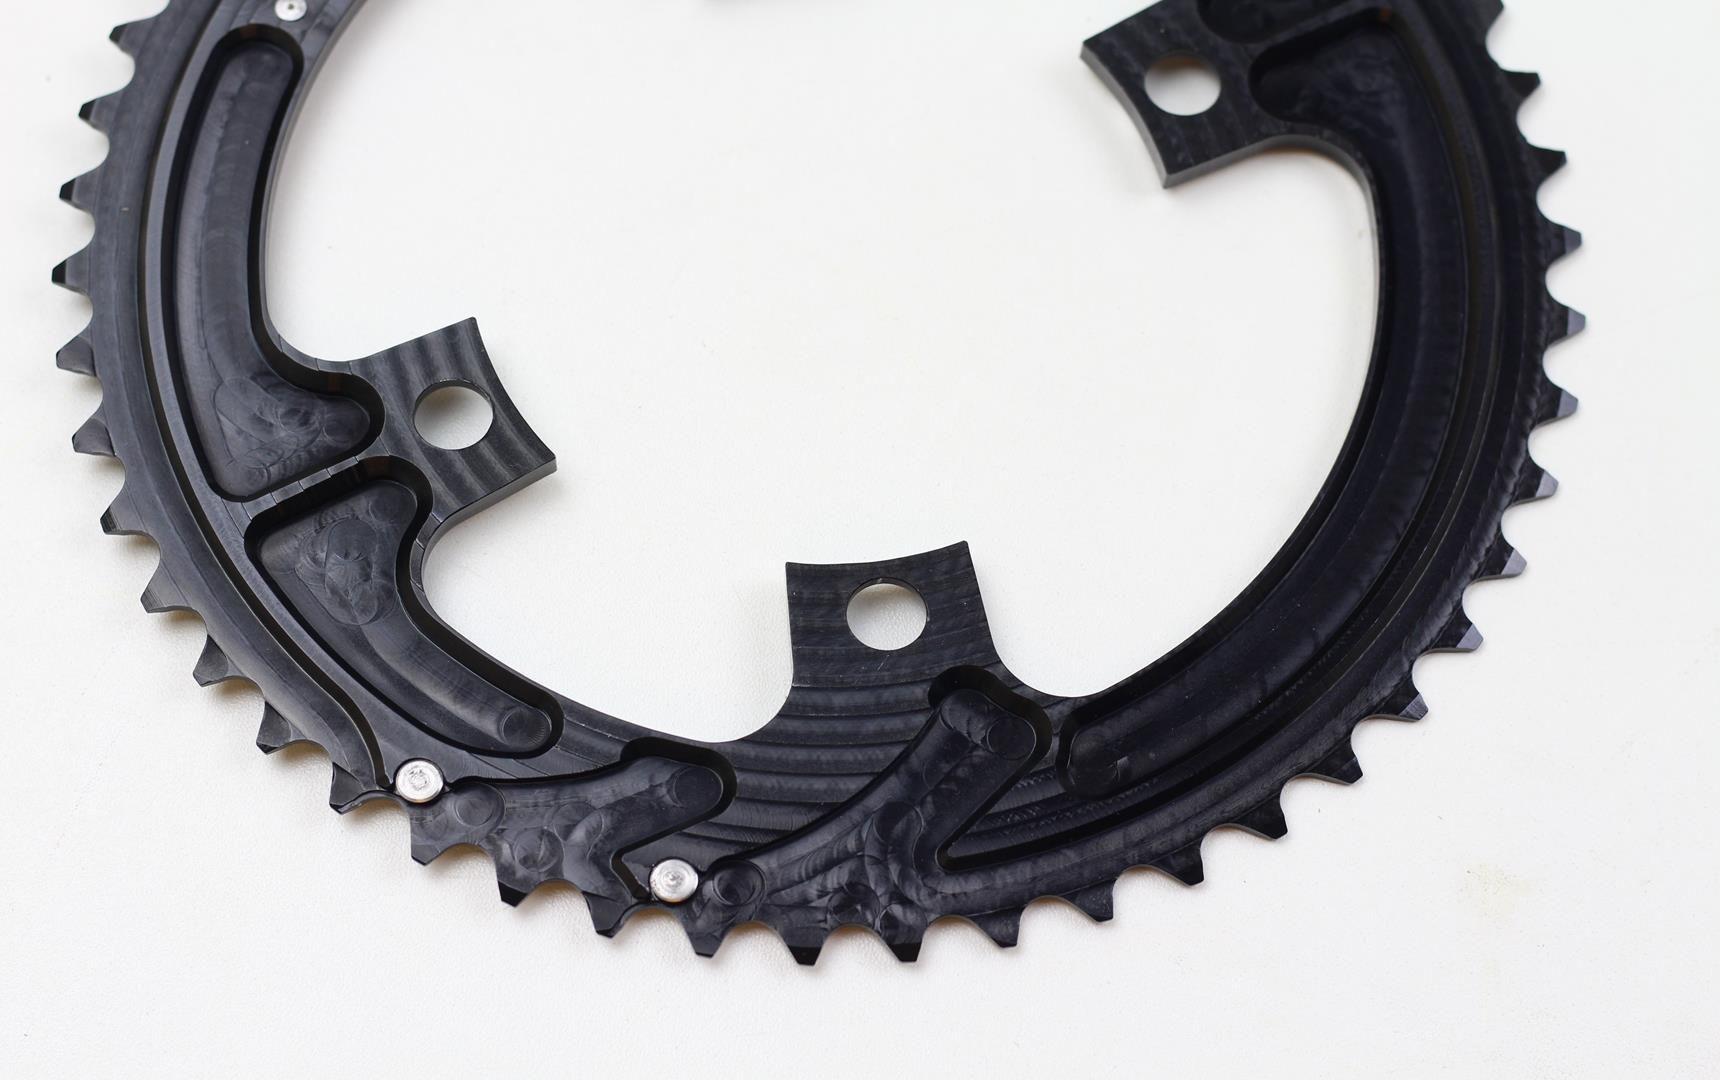 Coroas Dupla Bicicleta Speed Nottable 50-34 para Pedivelas 4 Furos BCD 110mm Serve Shimano Tiagra 105 Ultegra Dura-ace